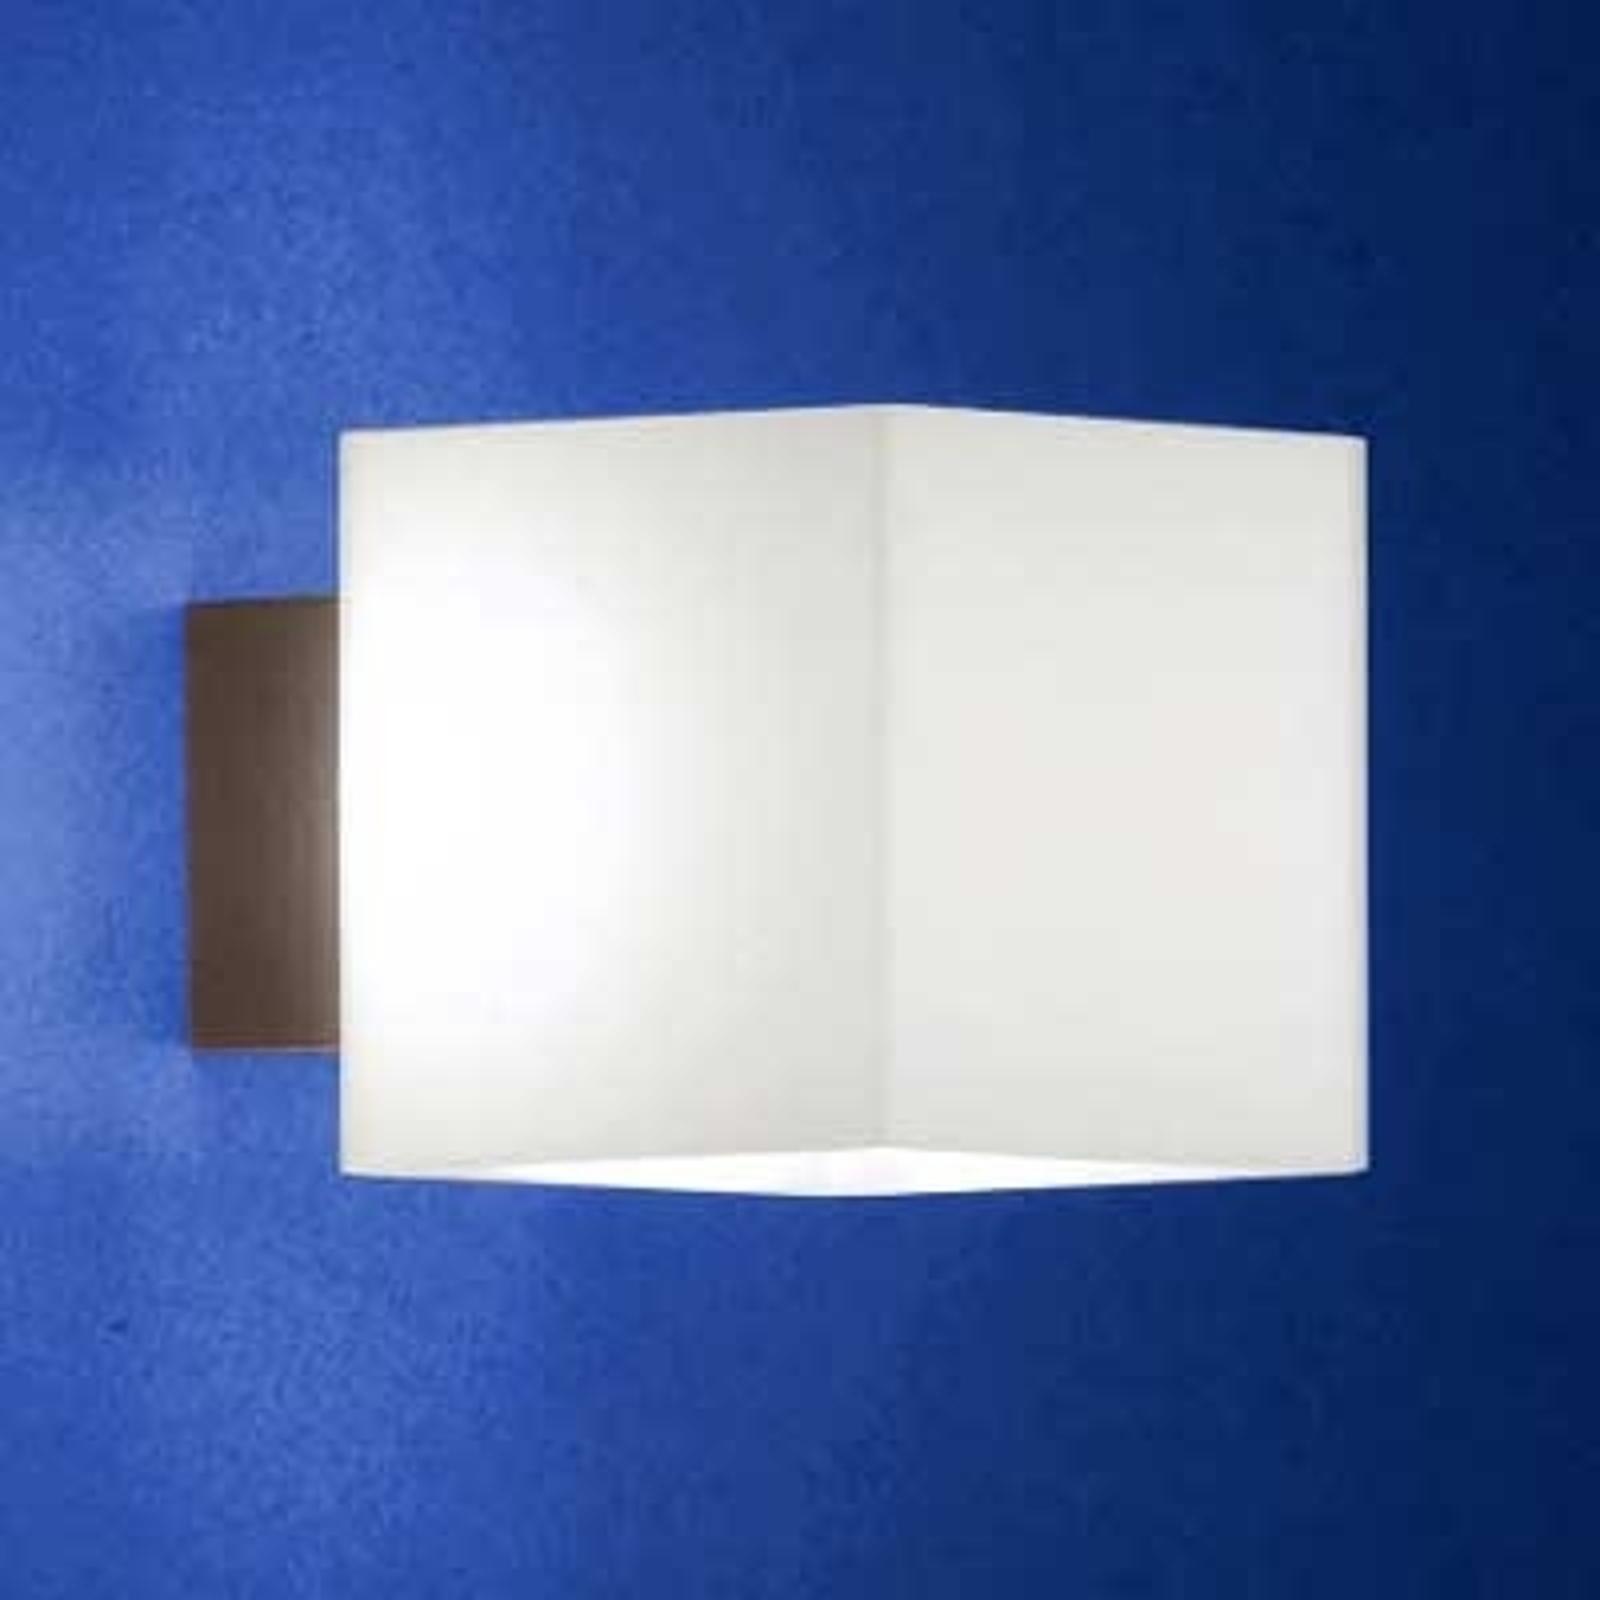 Casablanca Cube nástenné svetlo, neoslňujúce_2000272_1